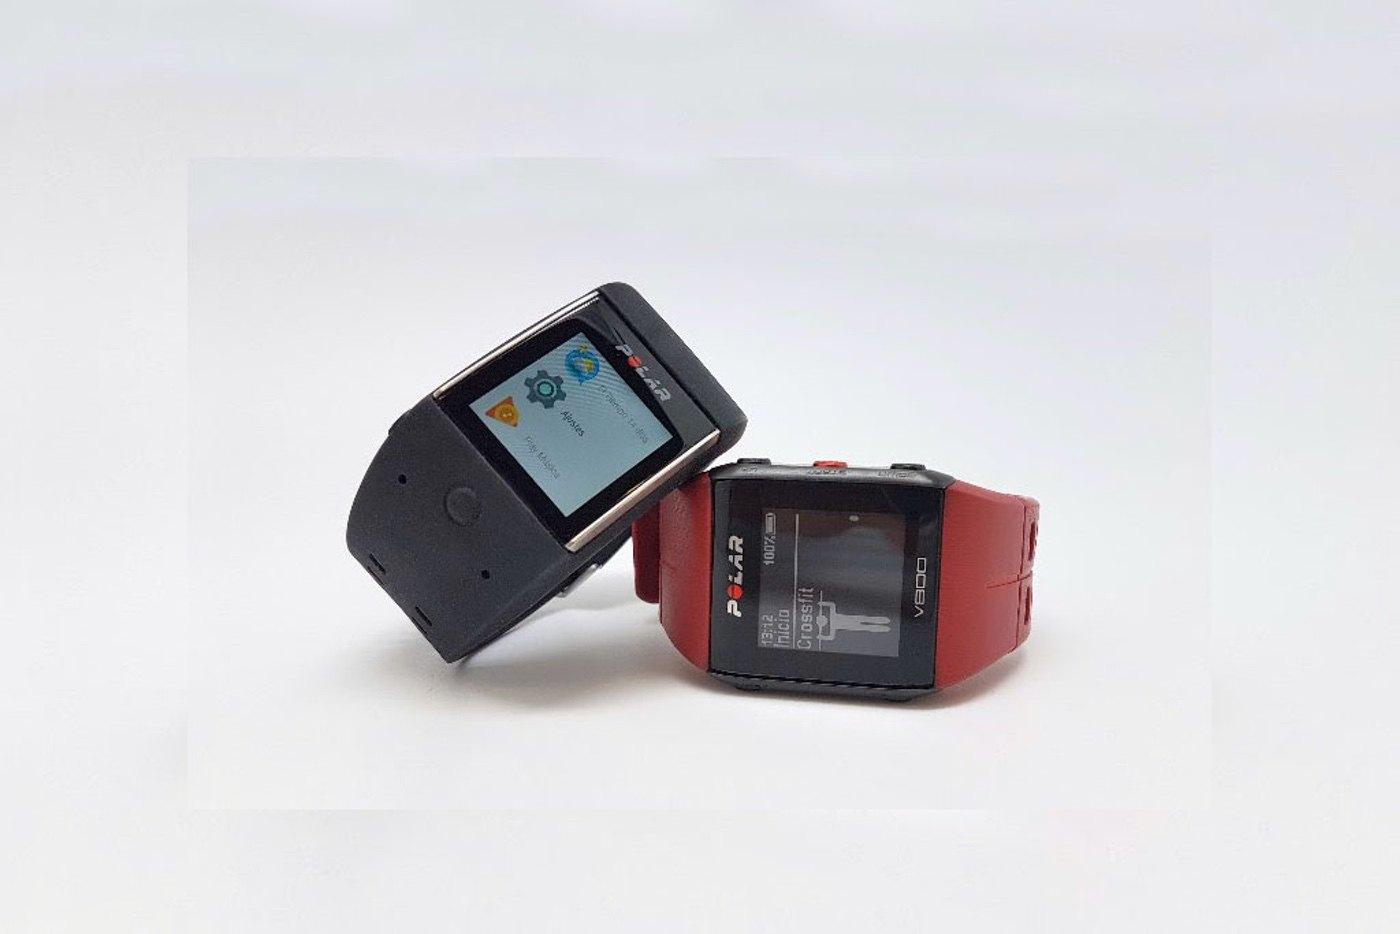 Mejoras en el GPS y nuevas funciones con las últimas actualizaciones para los modelos V800 y M600 de Polar